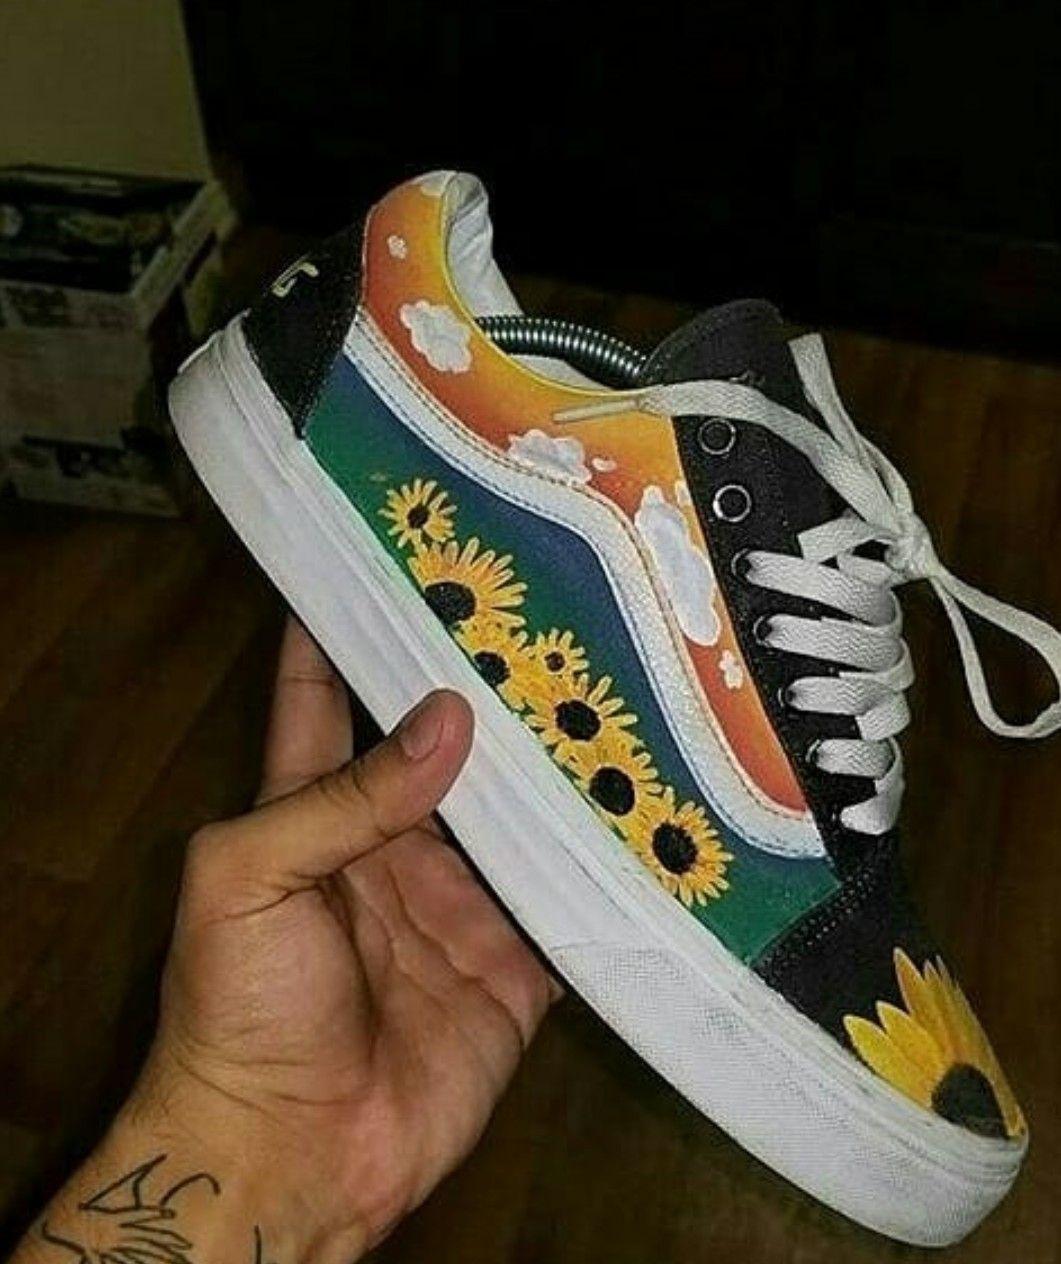 Custom Shoes | Hand Painted | Nike, Vans, Converse